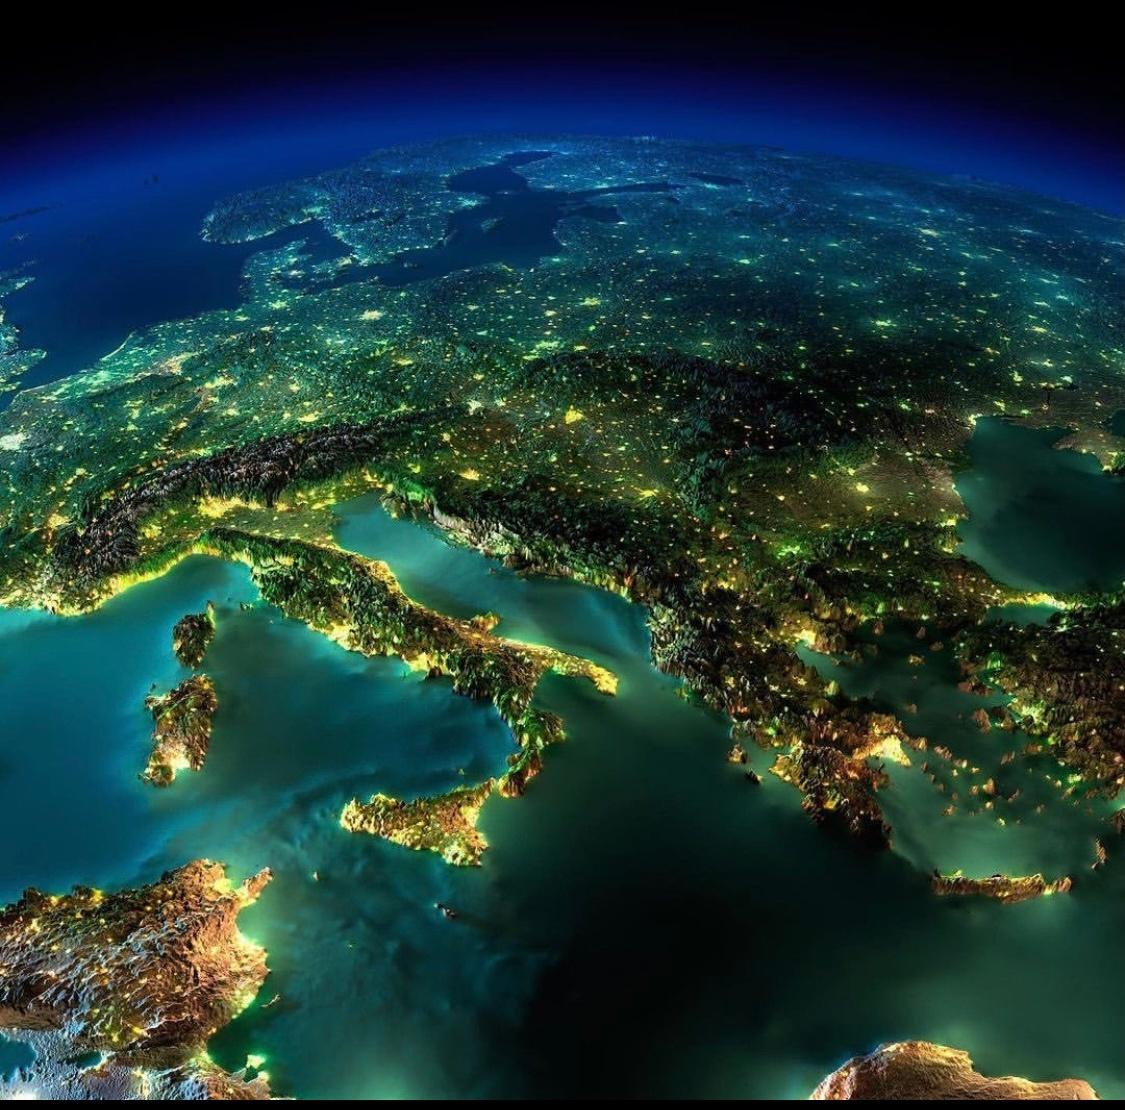 从宇宙看夜晚的地球